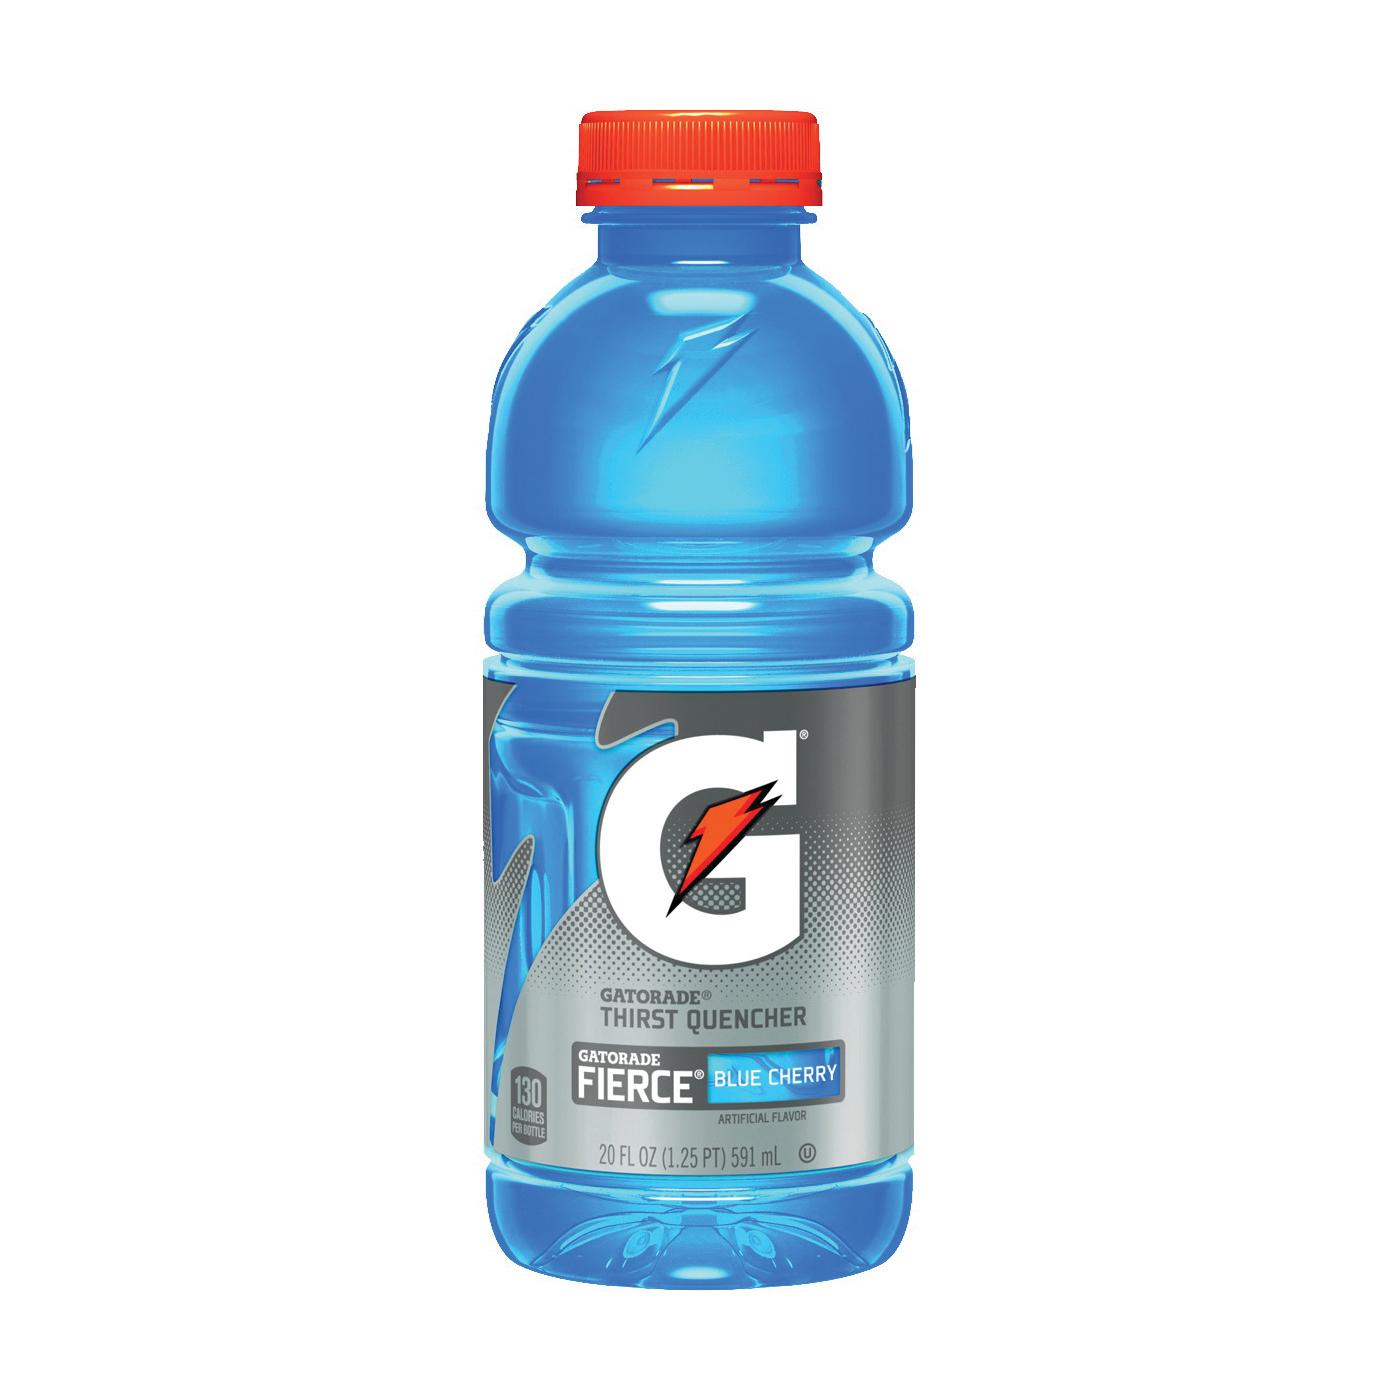 Picture of Gatorade G 10412 Thirst Quencher Sports Drink, Liquid, Fierce Blue Cherry Flavor, 20 oz Package, Bottle